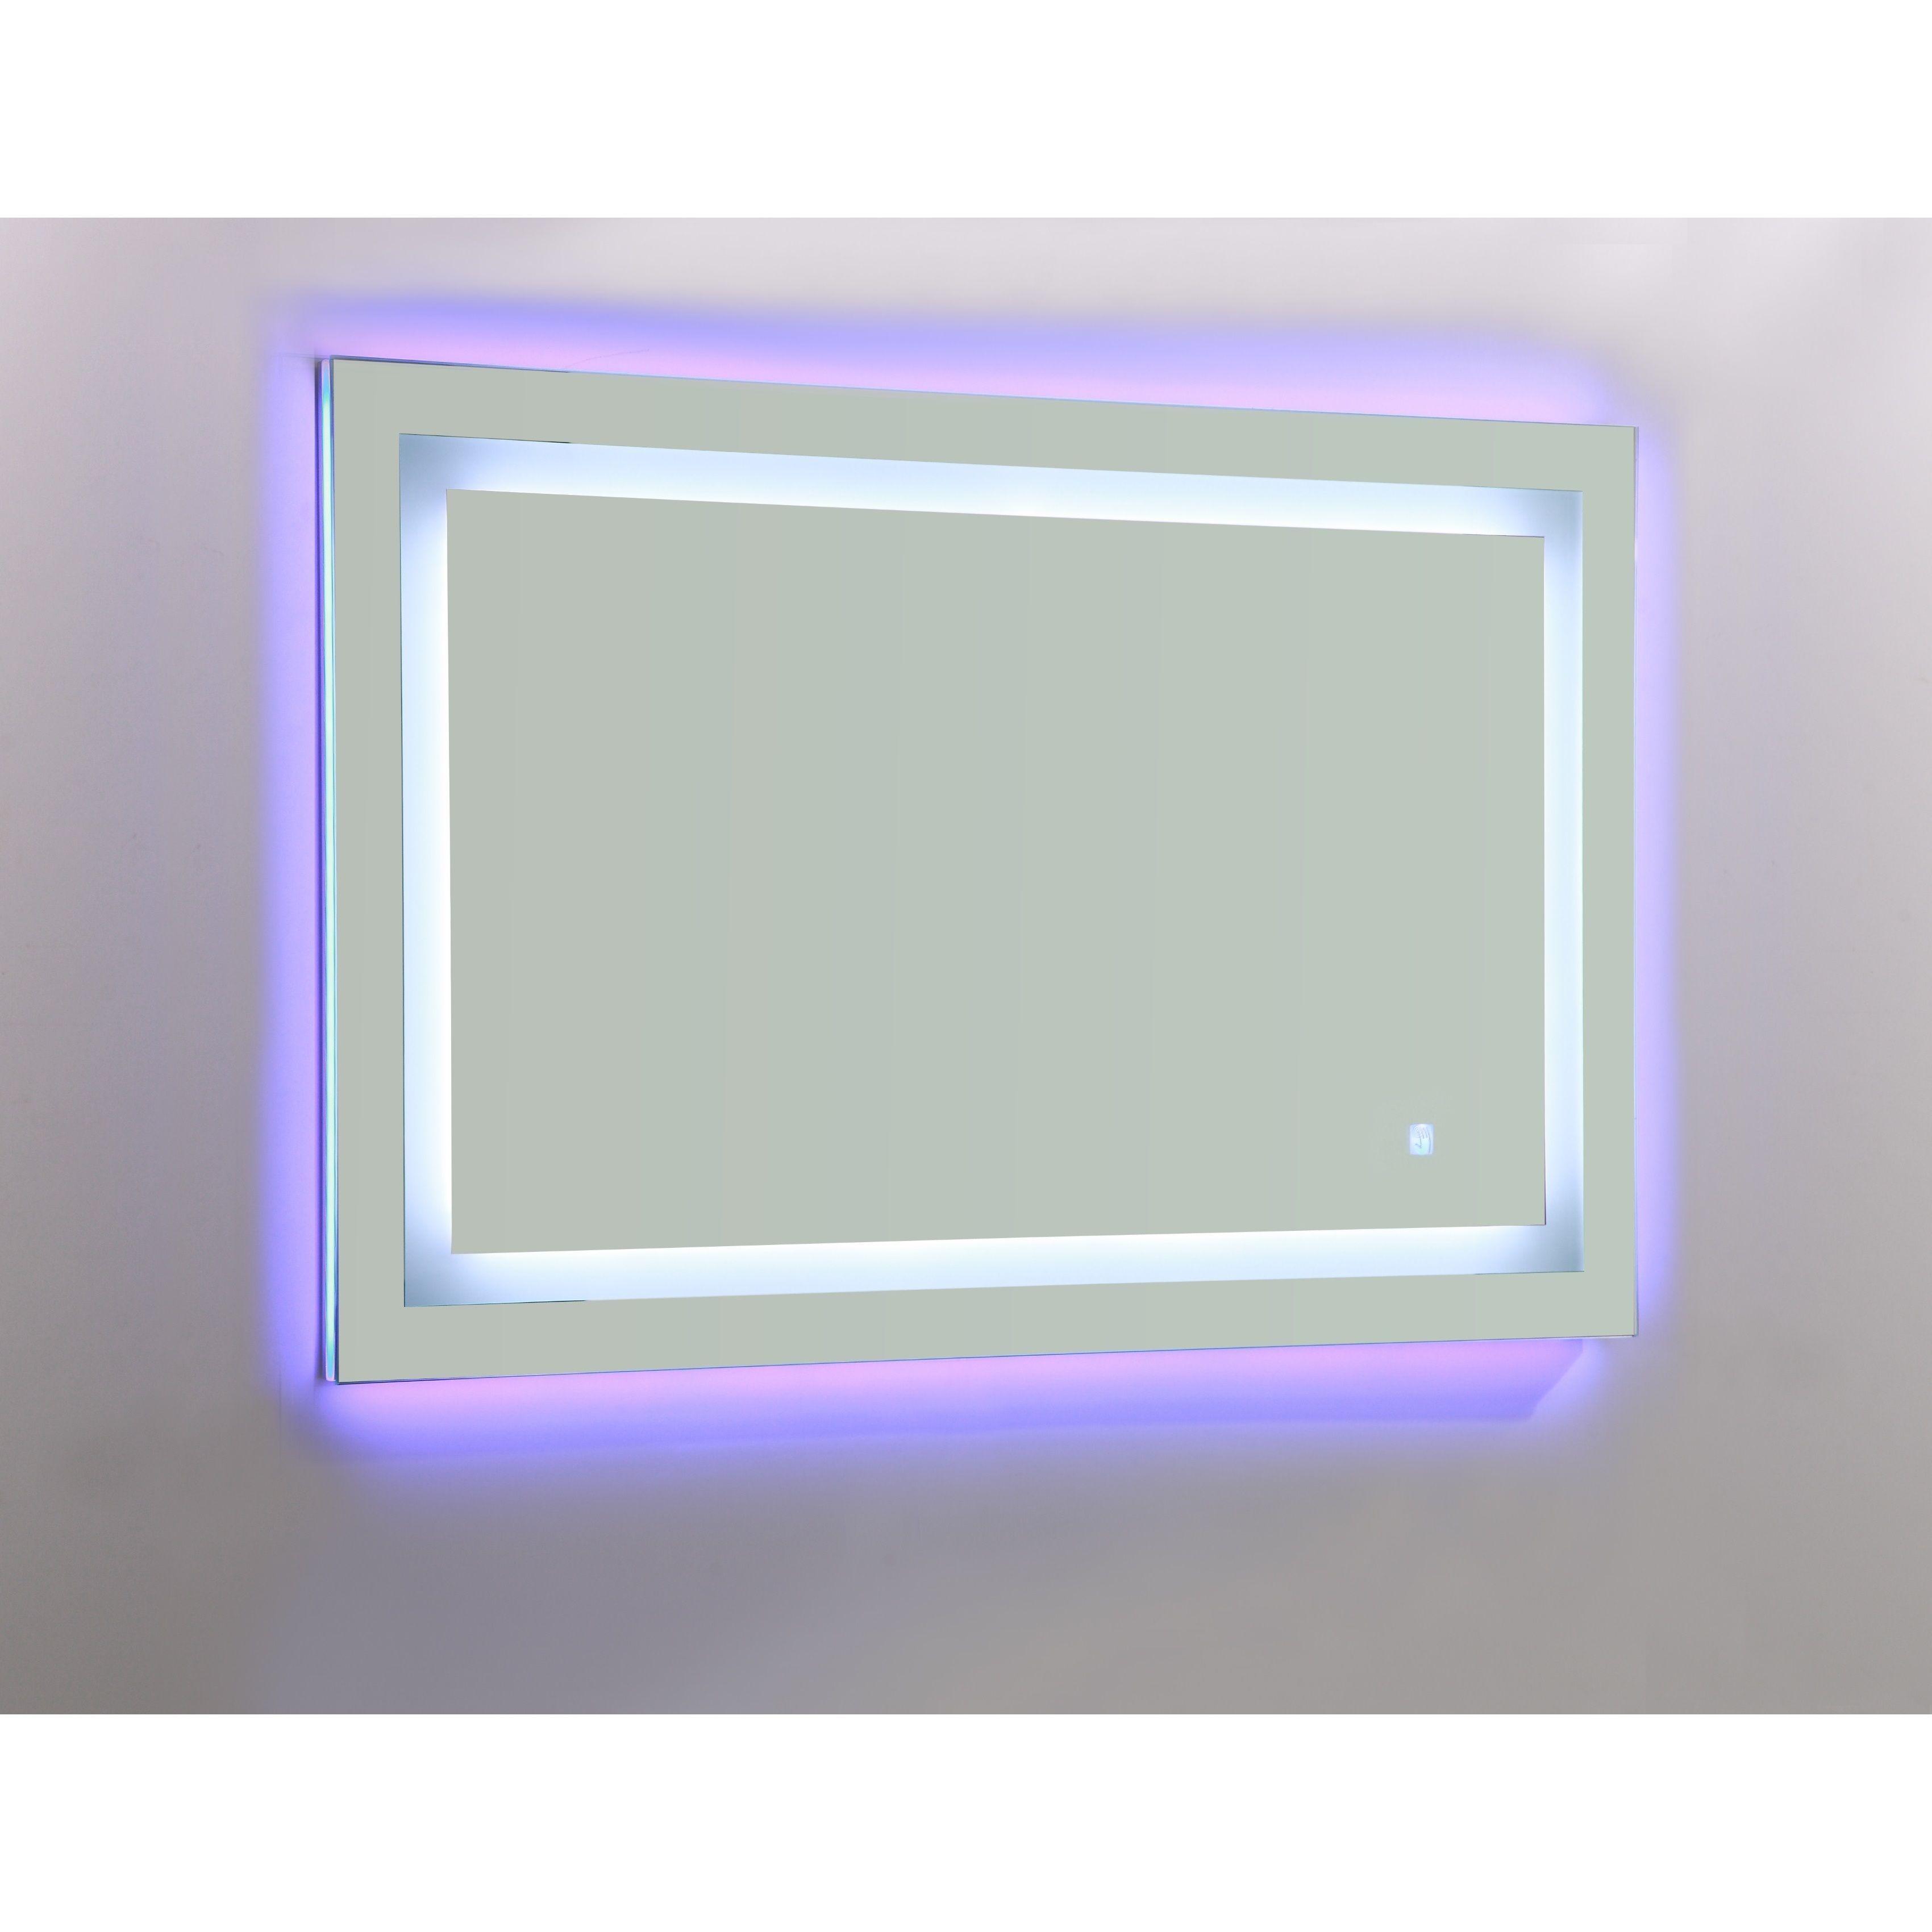 Vanity Art 39 Inch Led Lighted Illuminated Bathroom Vanity Wall